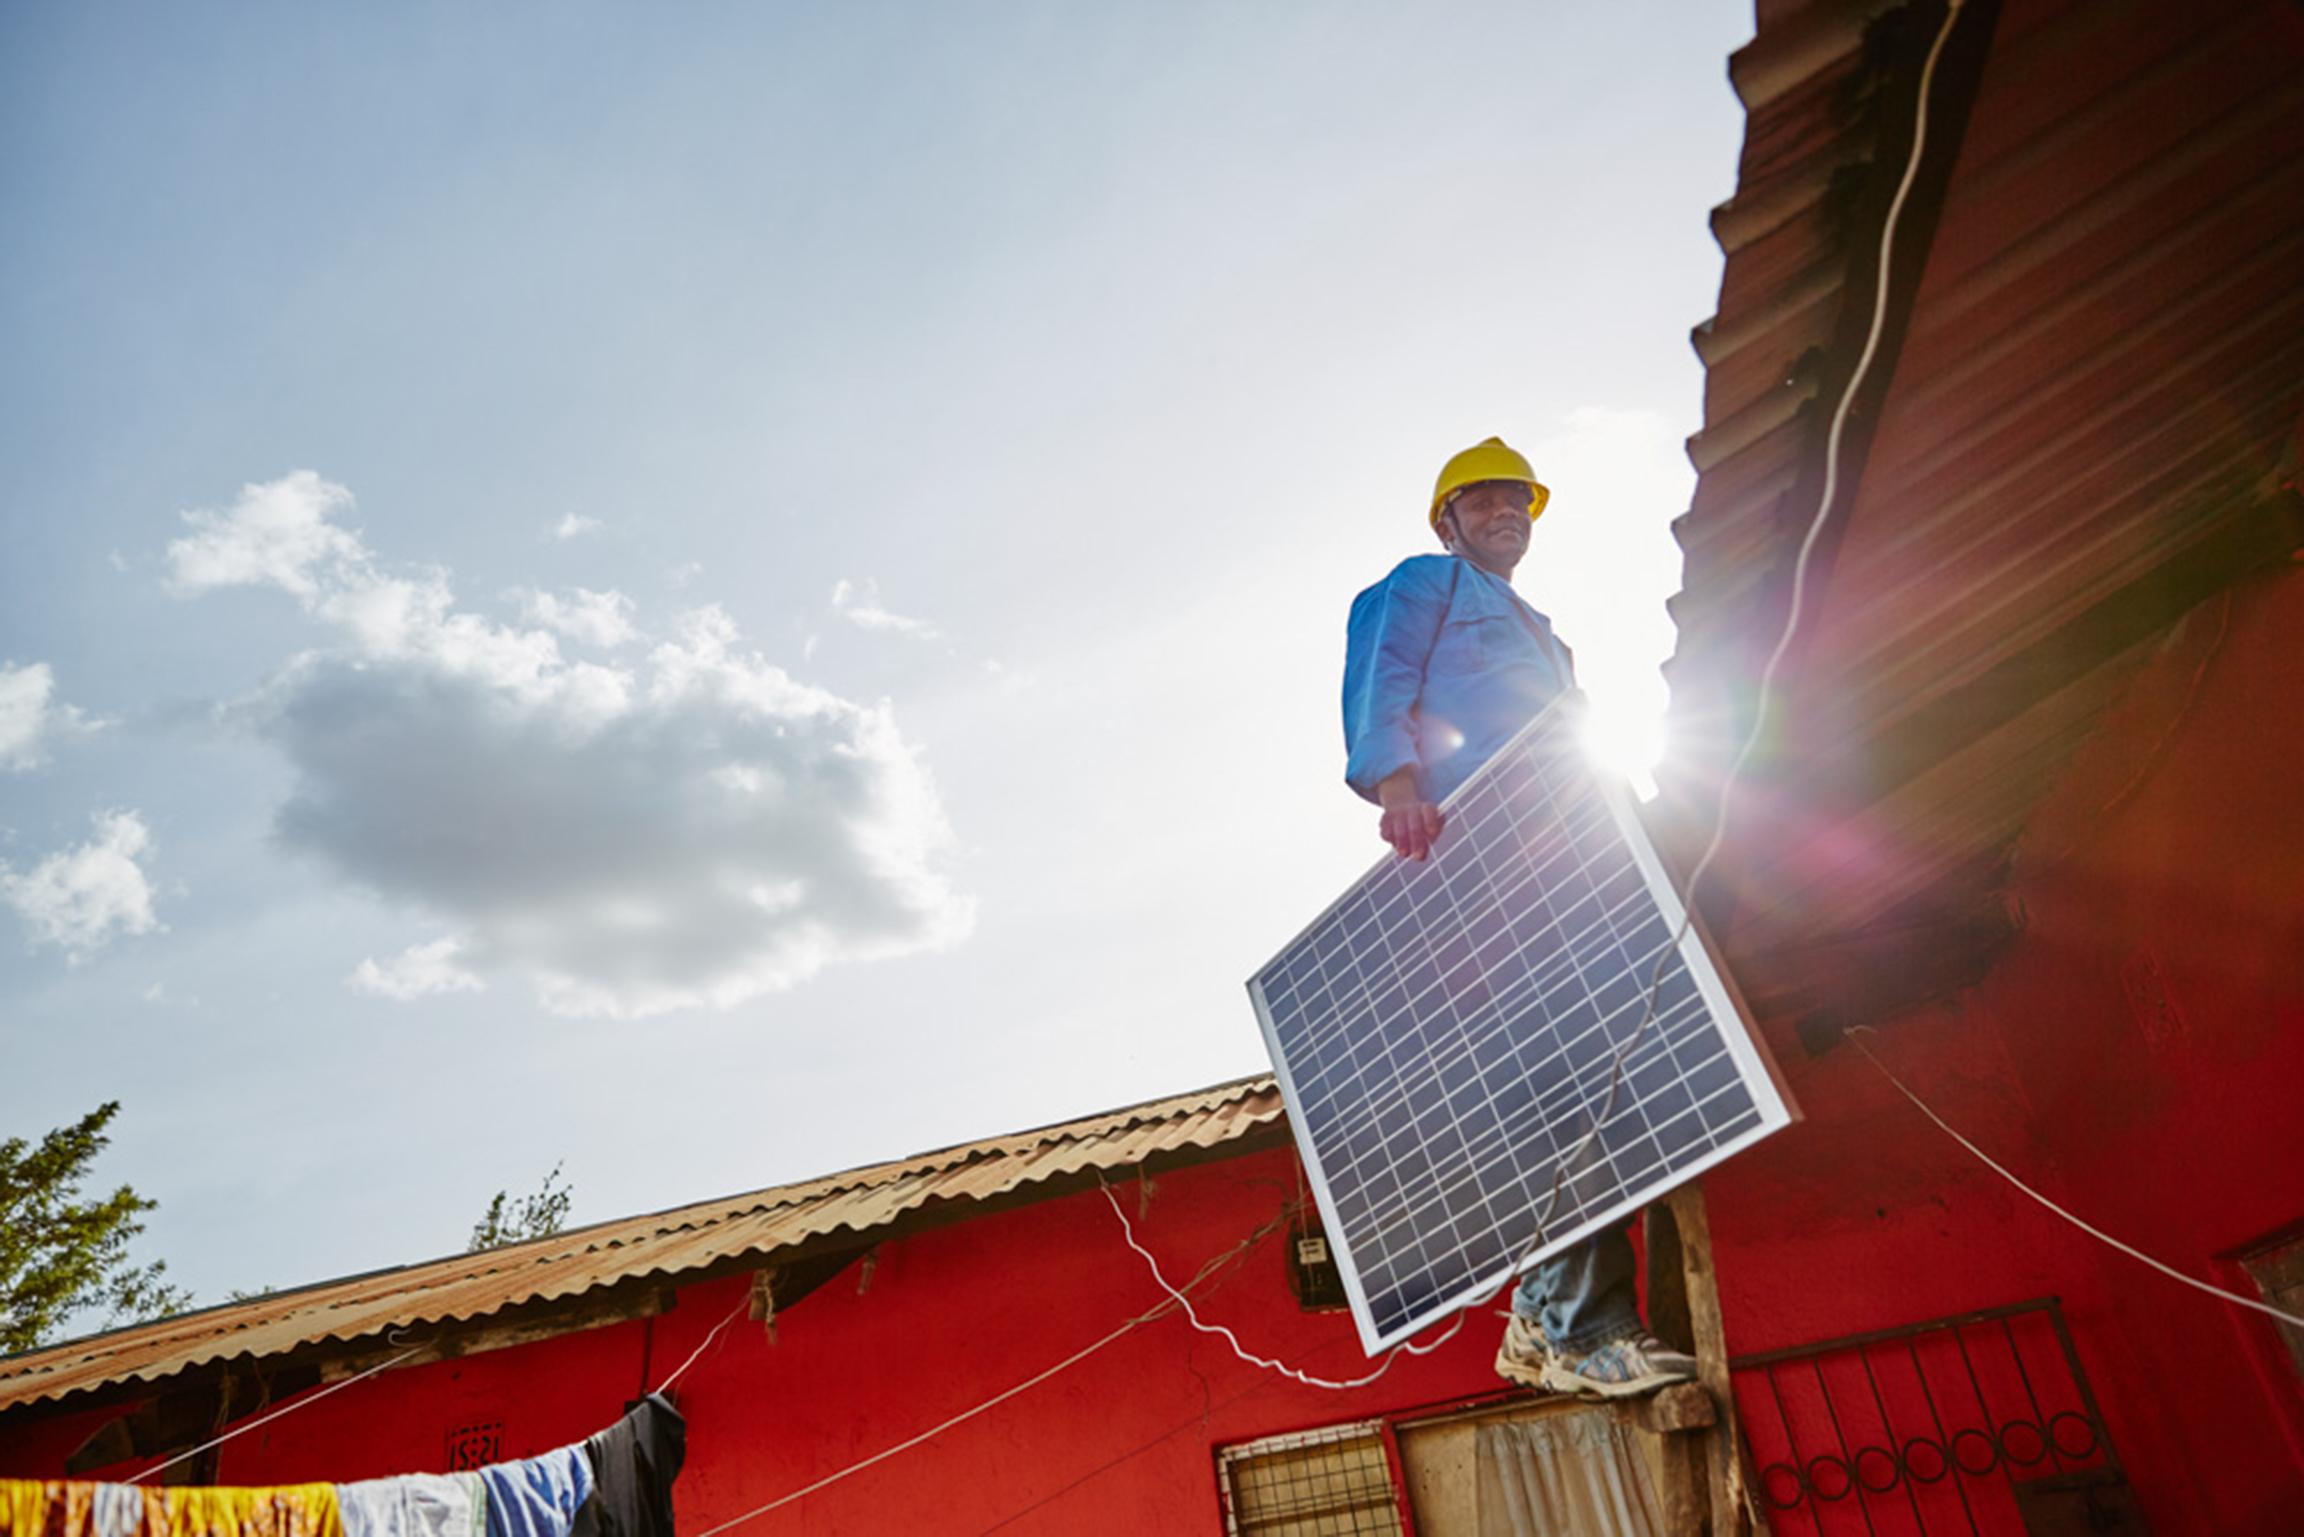 Zola electric solar panel installer